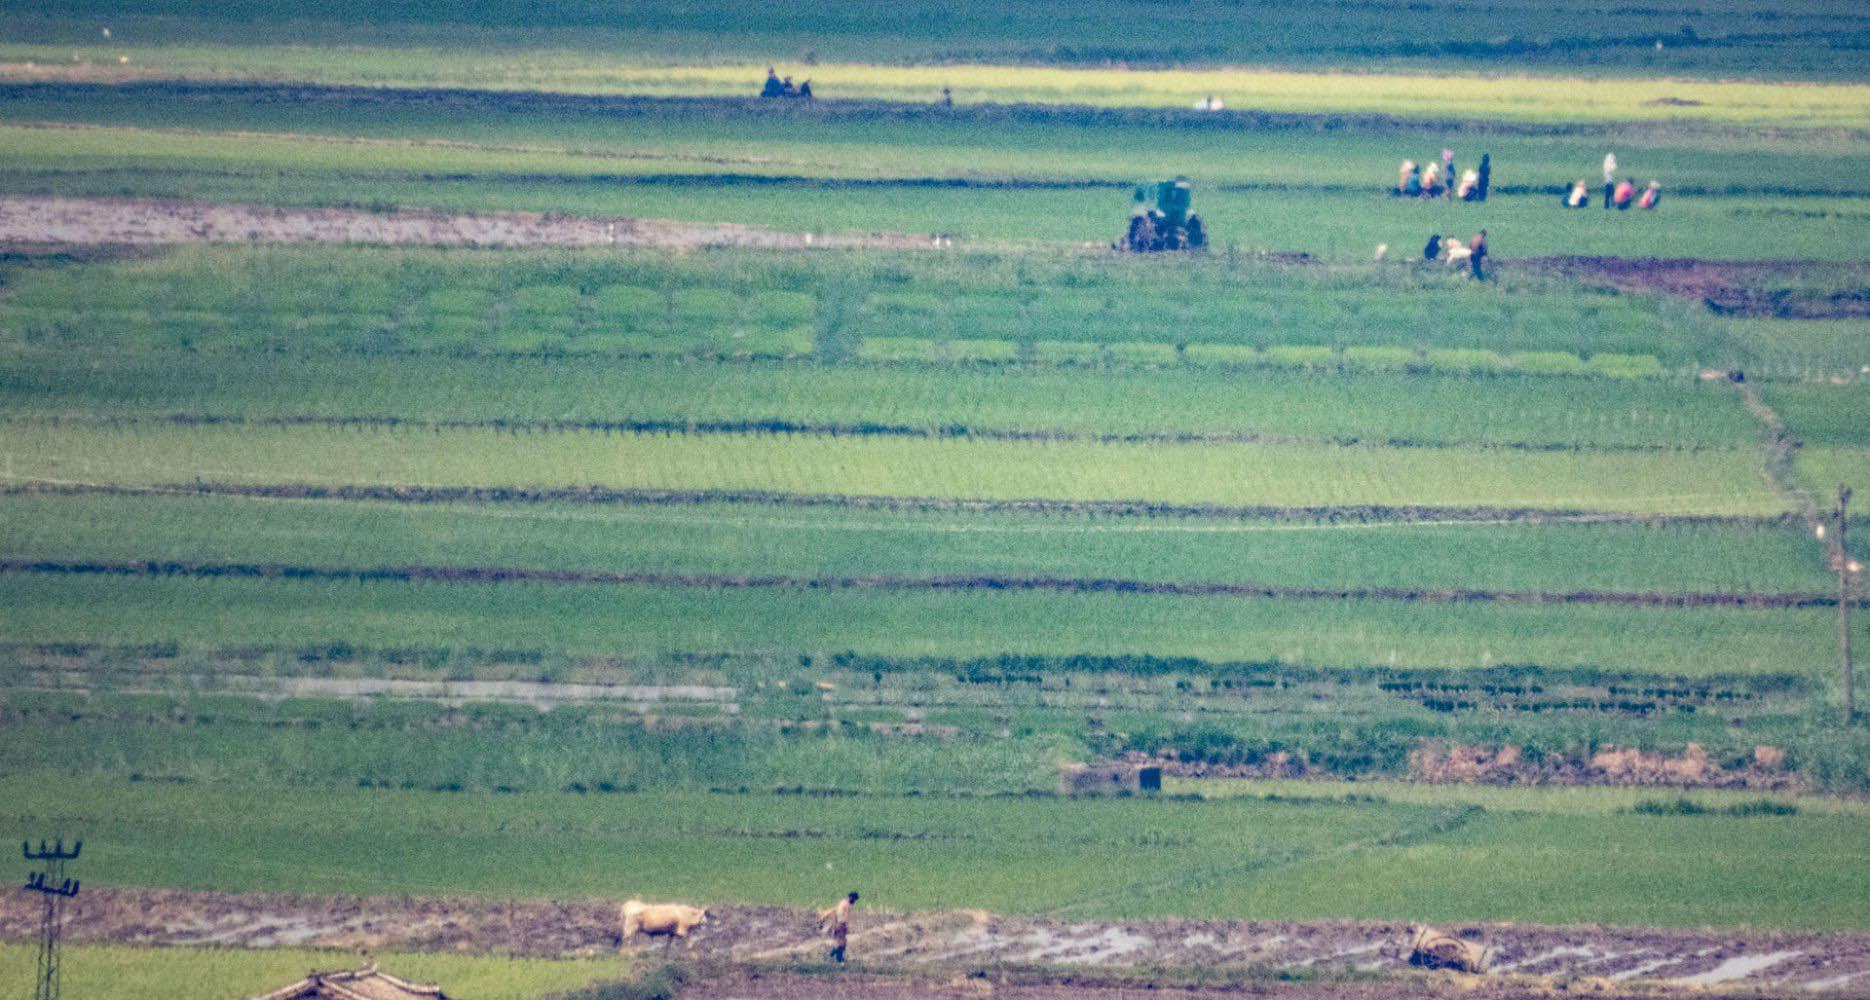 Ảnh hiếm về nông thôn Triều Tiên khi tình hình lương thực căng thẳng - Ảnh 5.